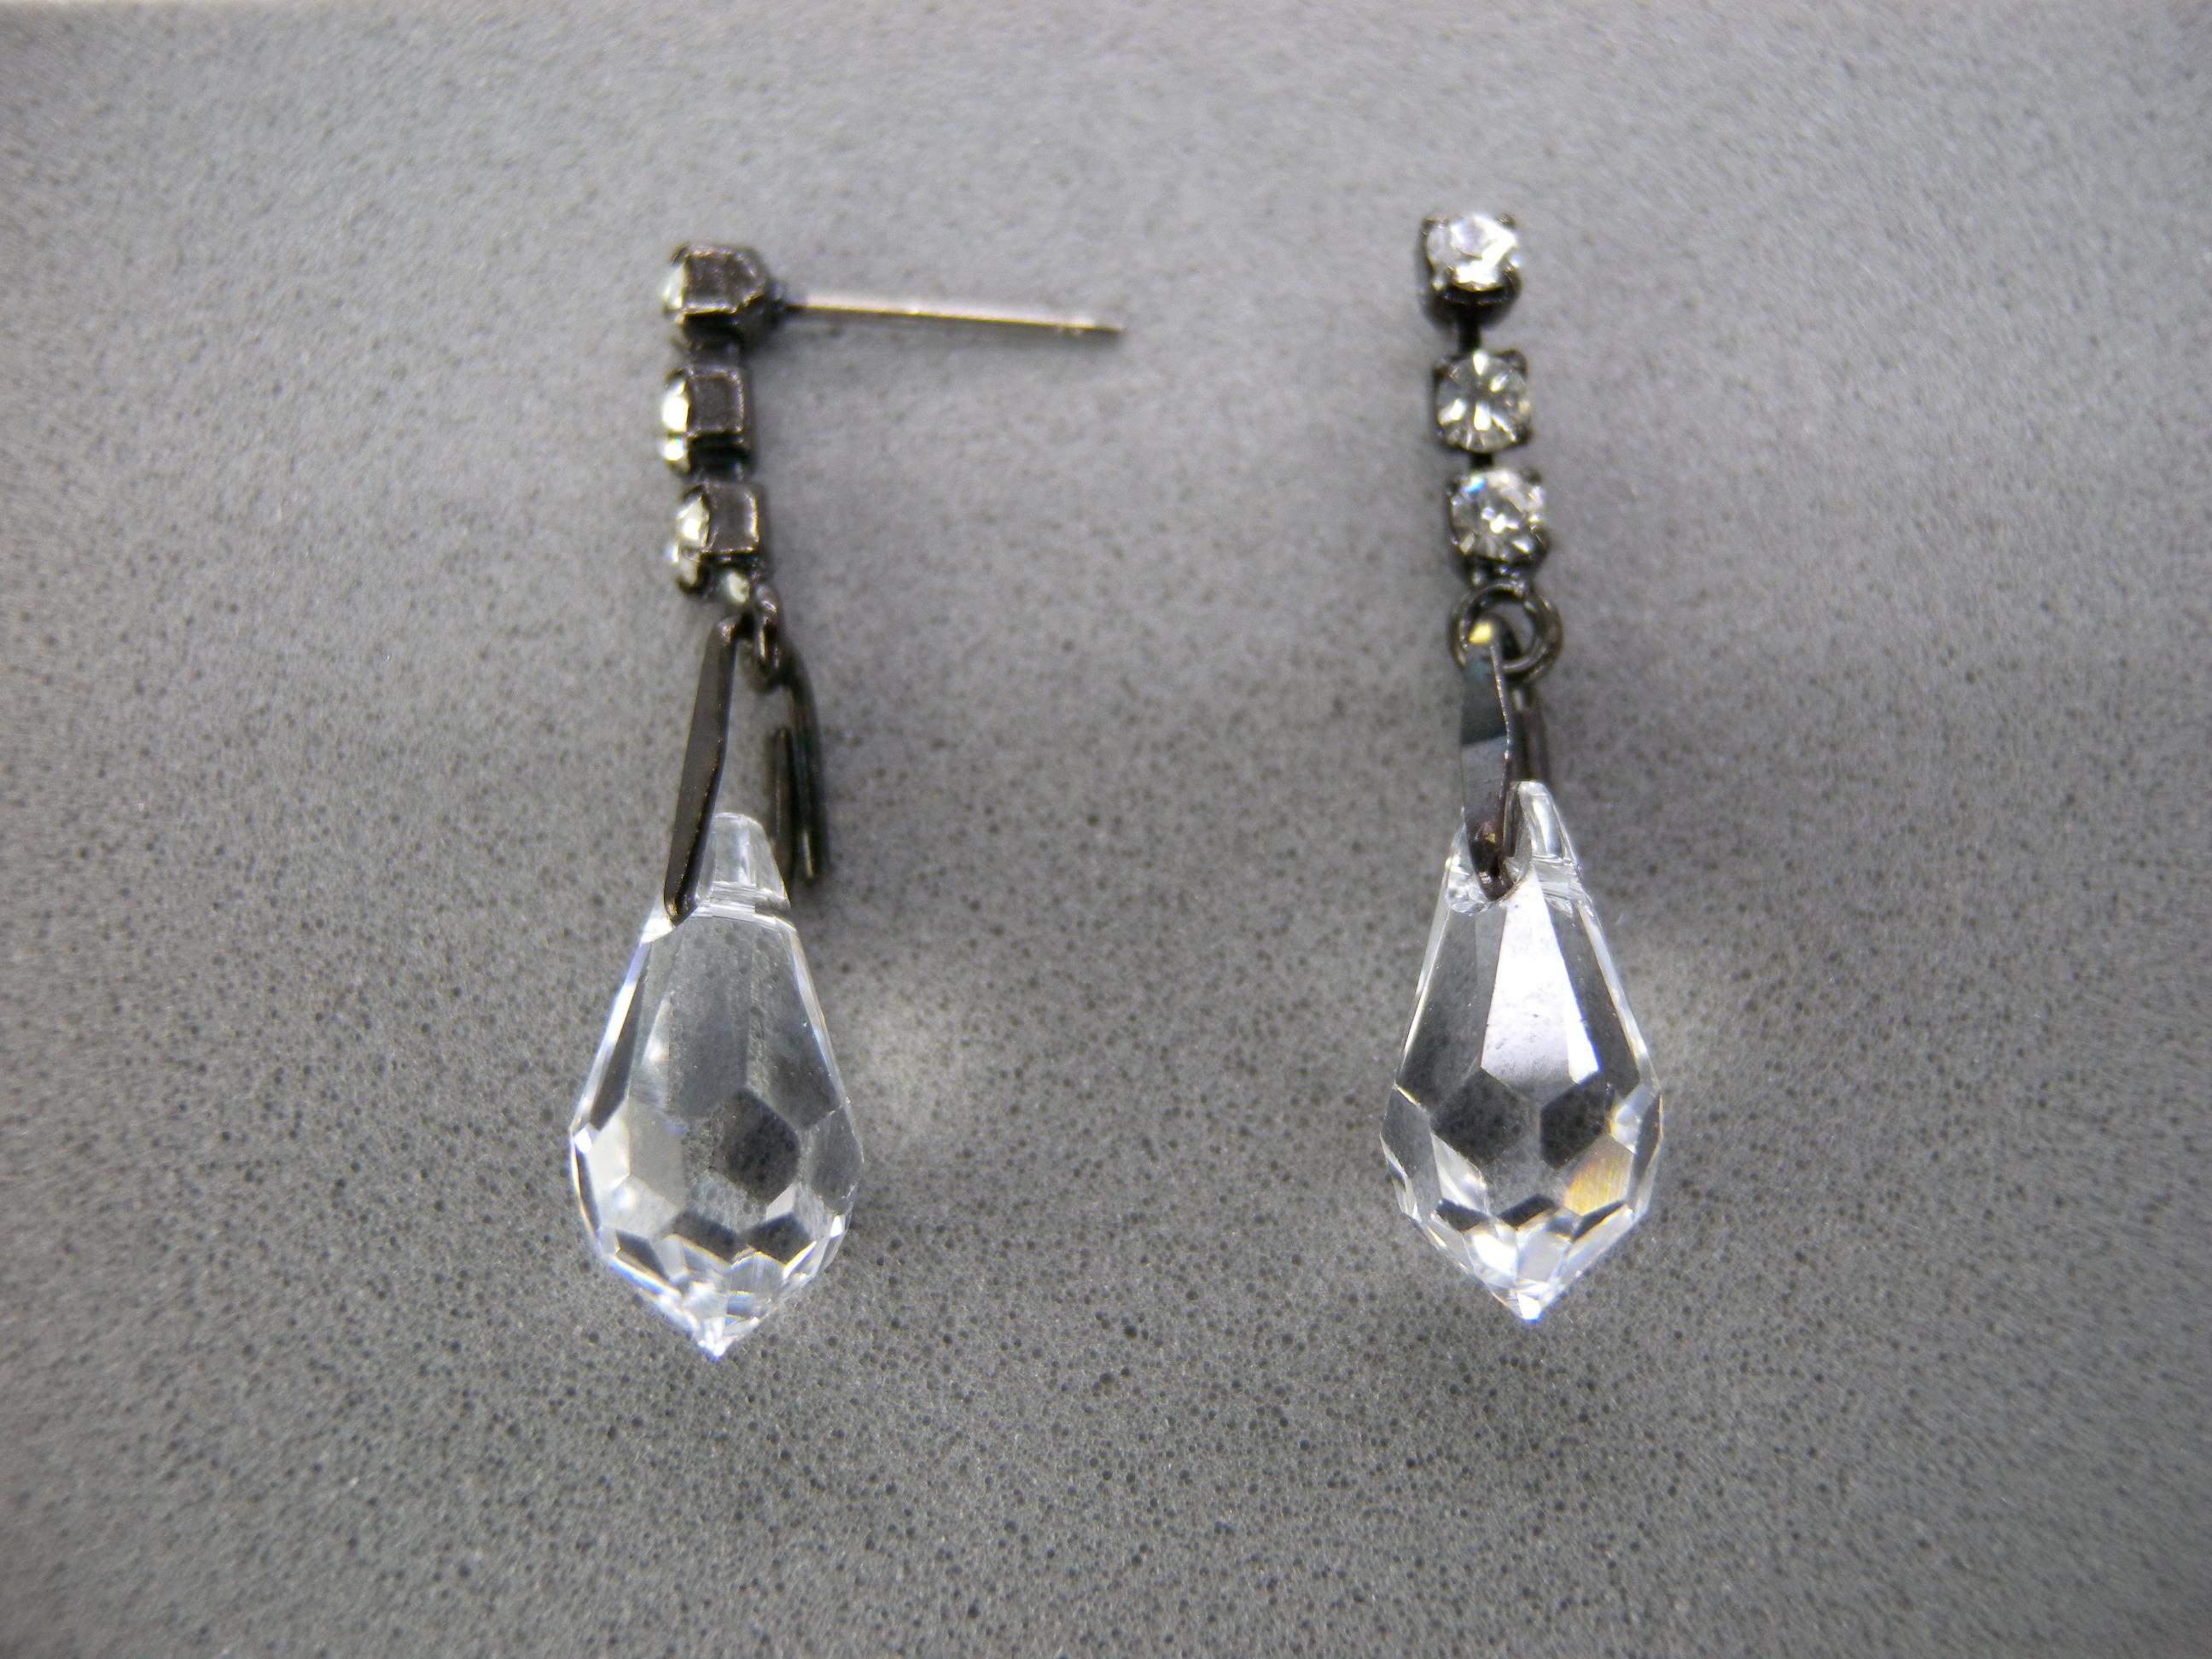 送料無料,ピアス,006,クリスタル,ブラック,earrings,cristal,アクセサリー